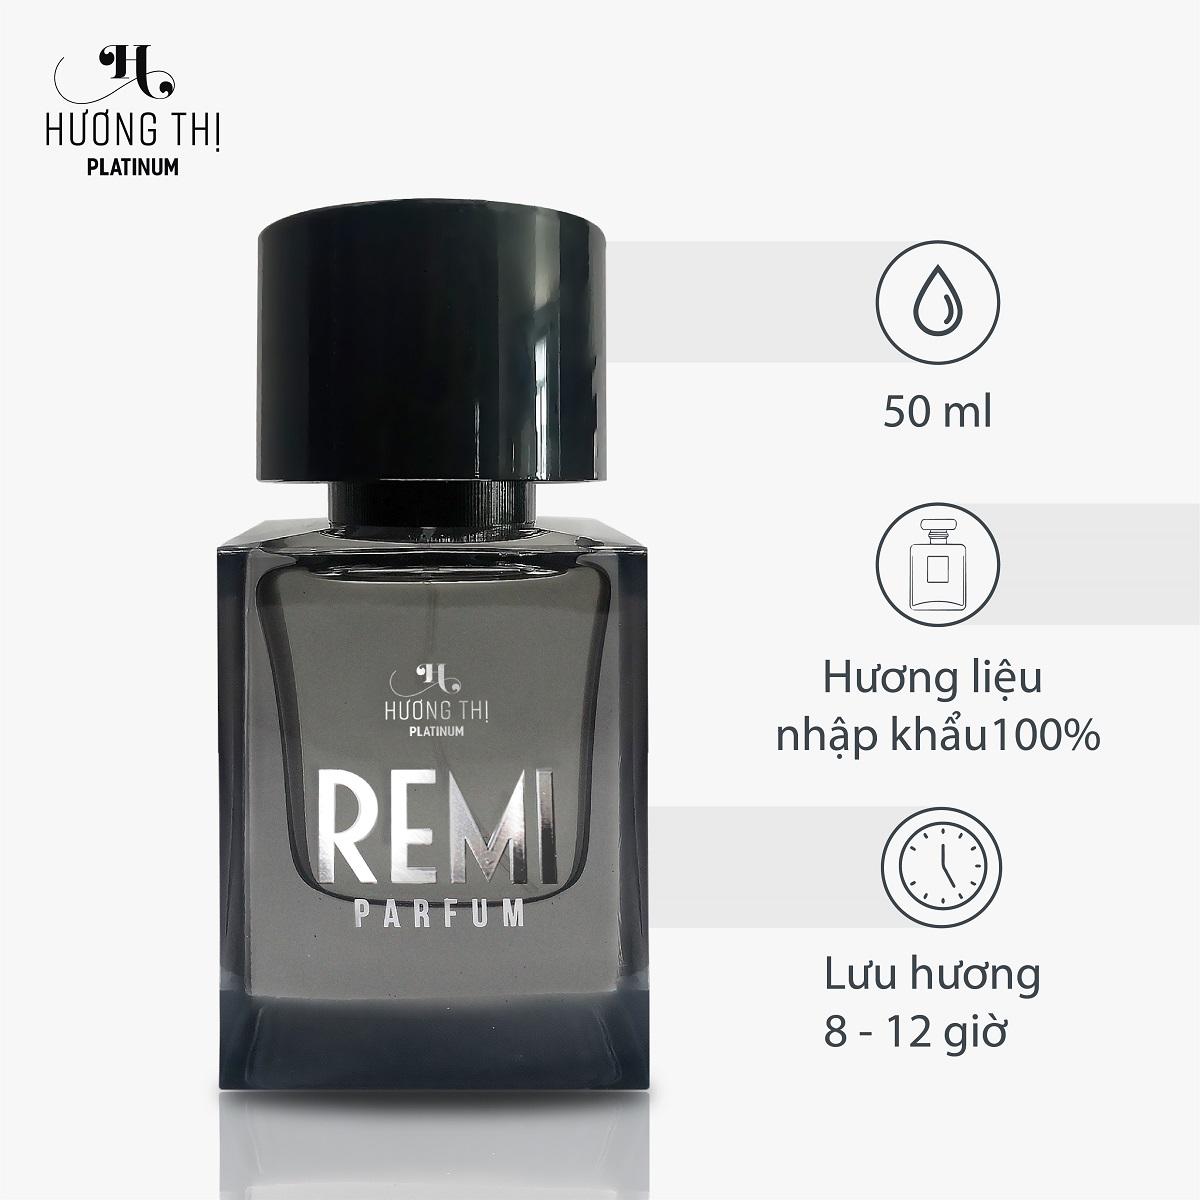 Nước Hoa Nam Remi Hương Thị Phong Cách Cá Tính Cho Phái Mạnh 50 ml